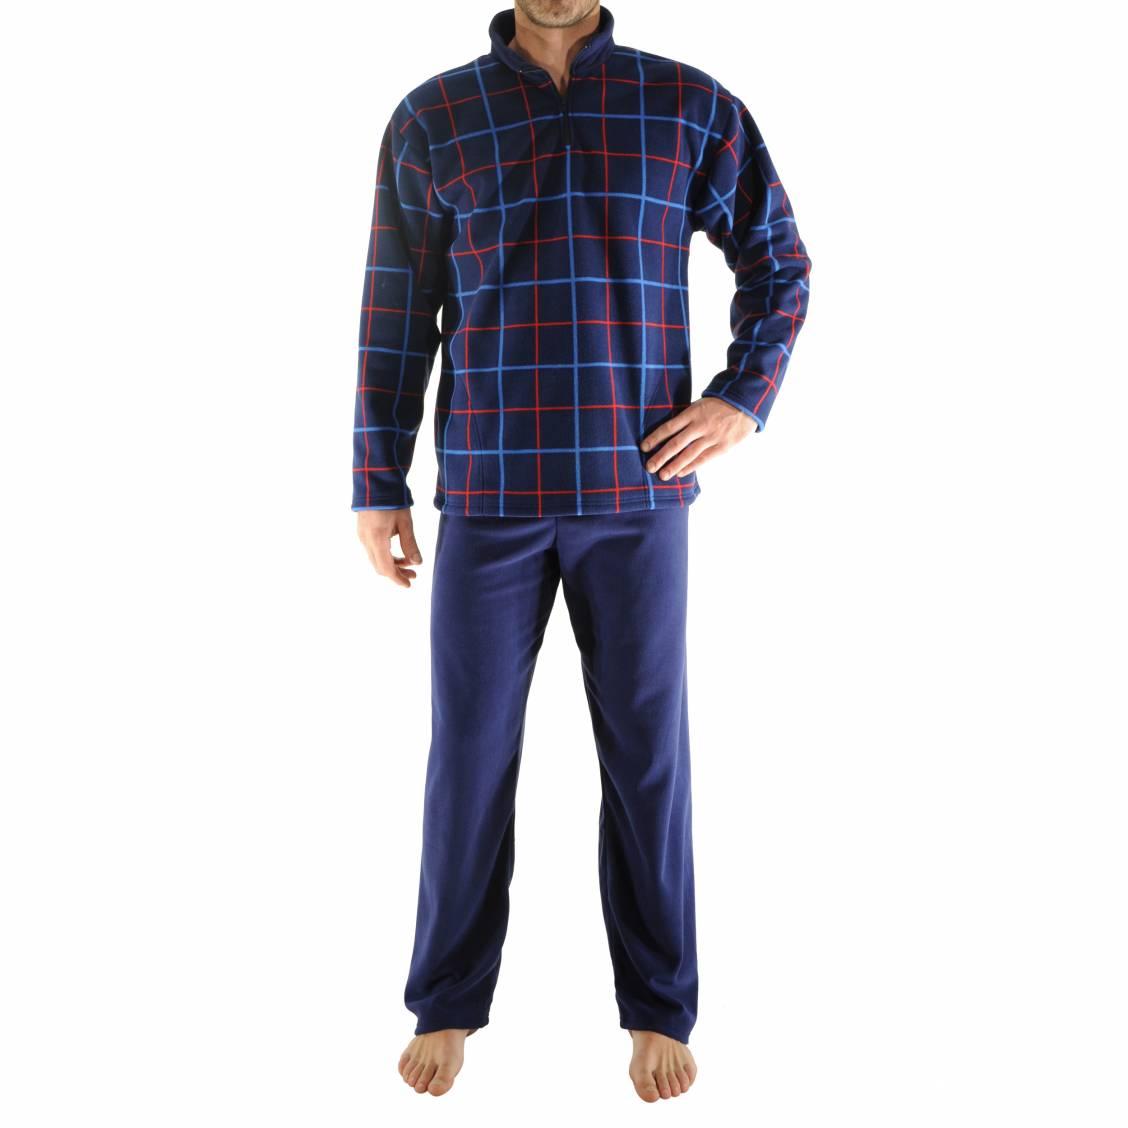 tenue d 39 interieur grant christian cane sweat col zipp bleu marine carreaux et pantalon bleu. Black Bedroom Furniture Sets. Home Design Ideas